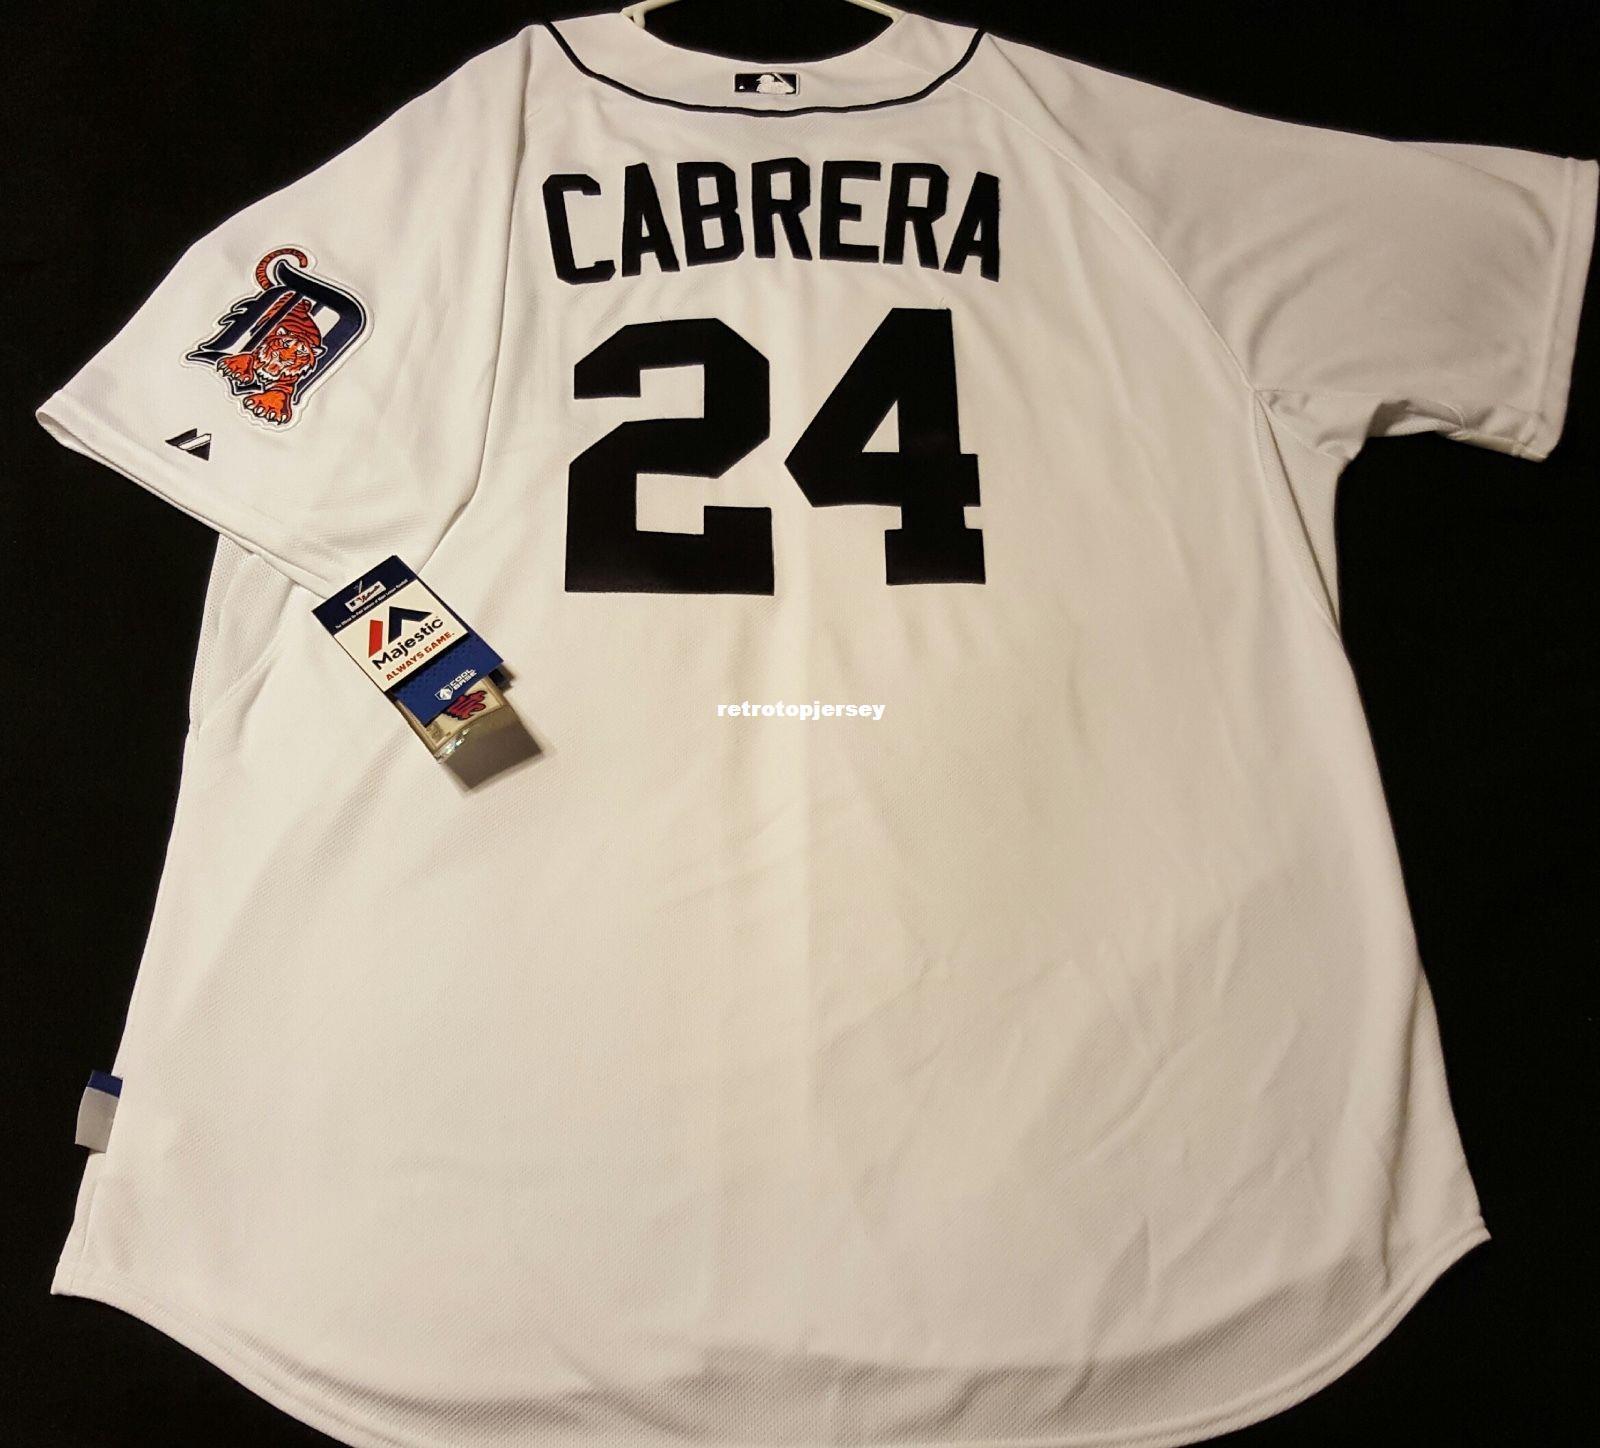 Cheap Majestic DETROIT # 24 HOME MIGUEL CABRERA, BASE FREDDO Maglia uomo cucita all'ingrosso grande e alta TAGLIA XS-6XL maglie da baseball